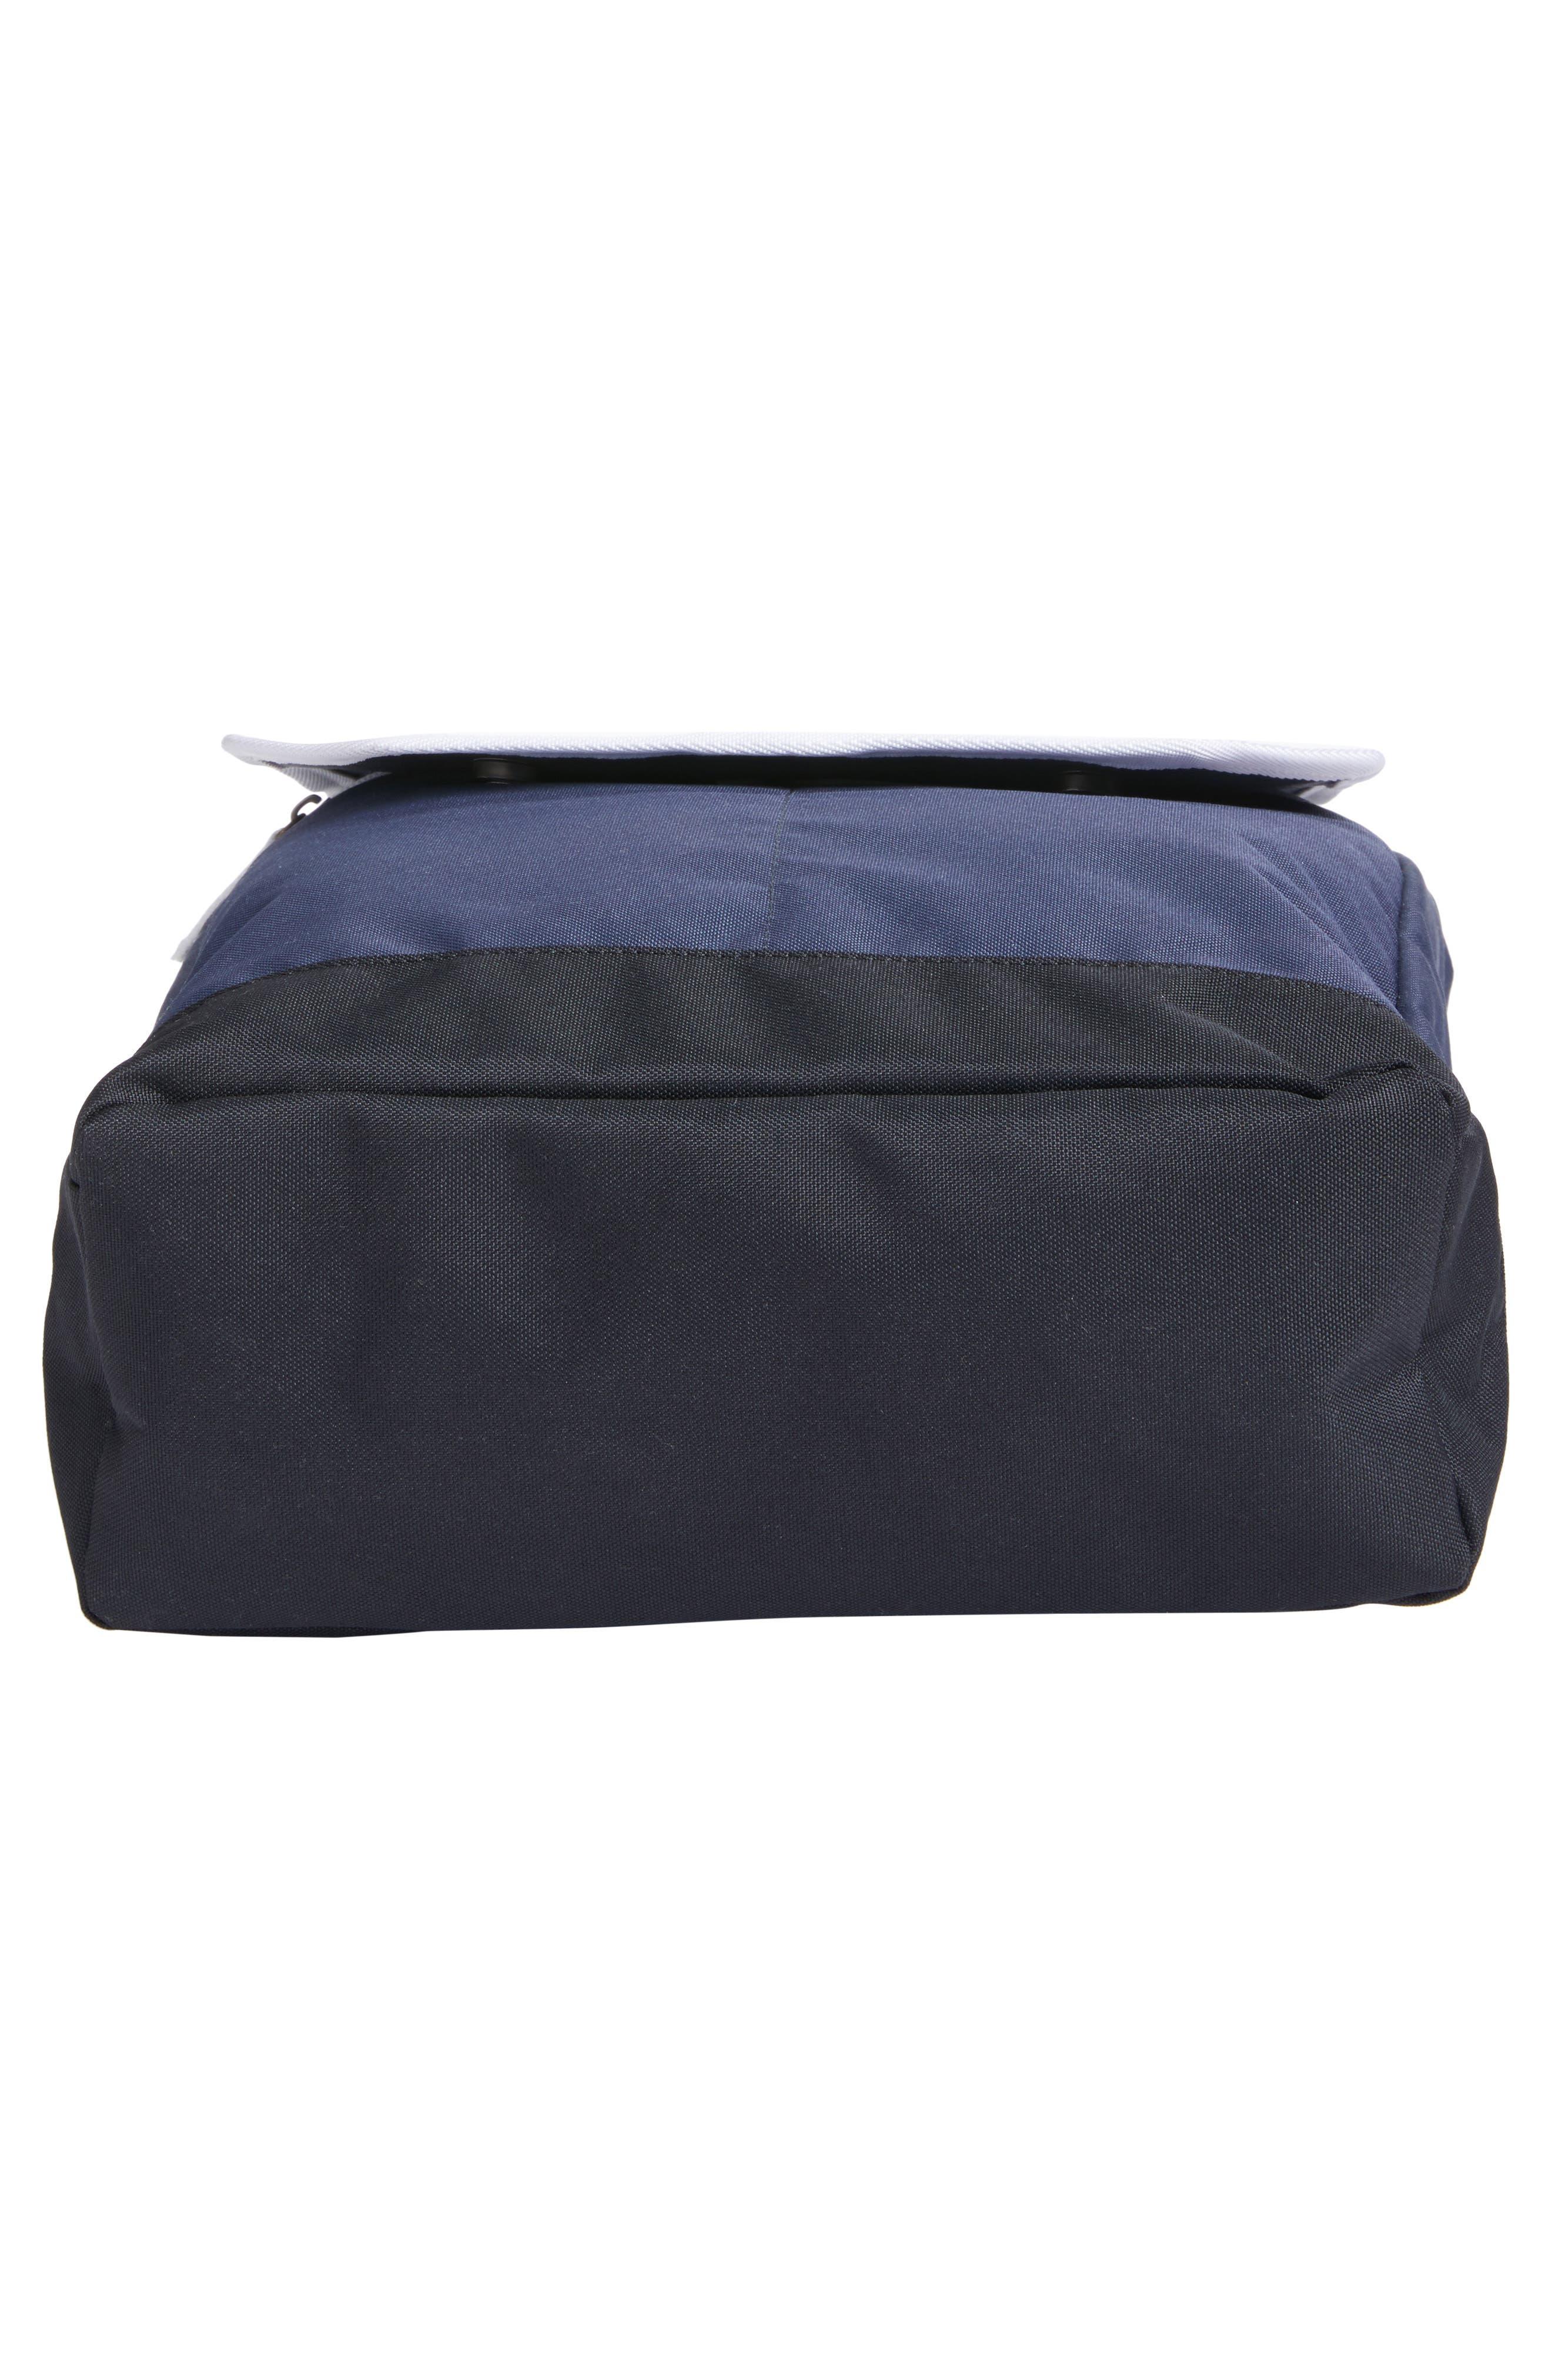 Dazed Backpack,                             Alternate thumbnail 5, color,                             Federal Blue